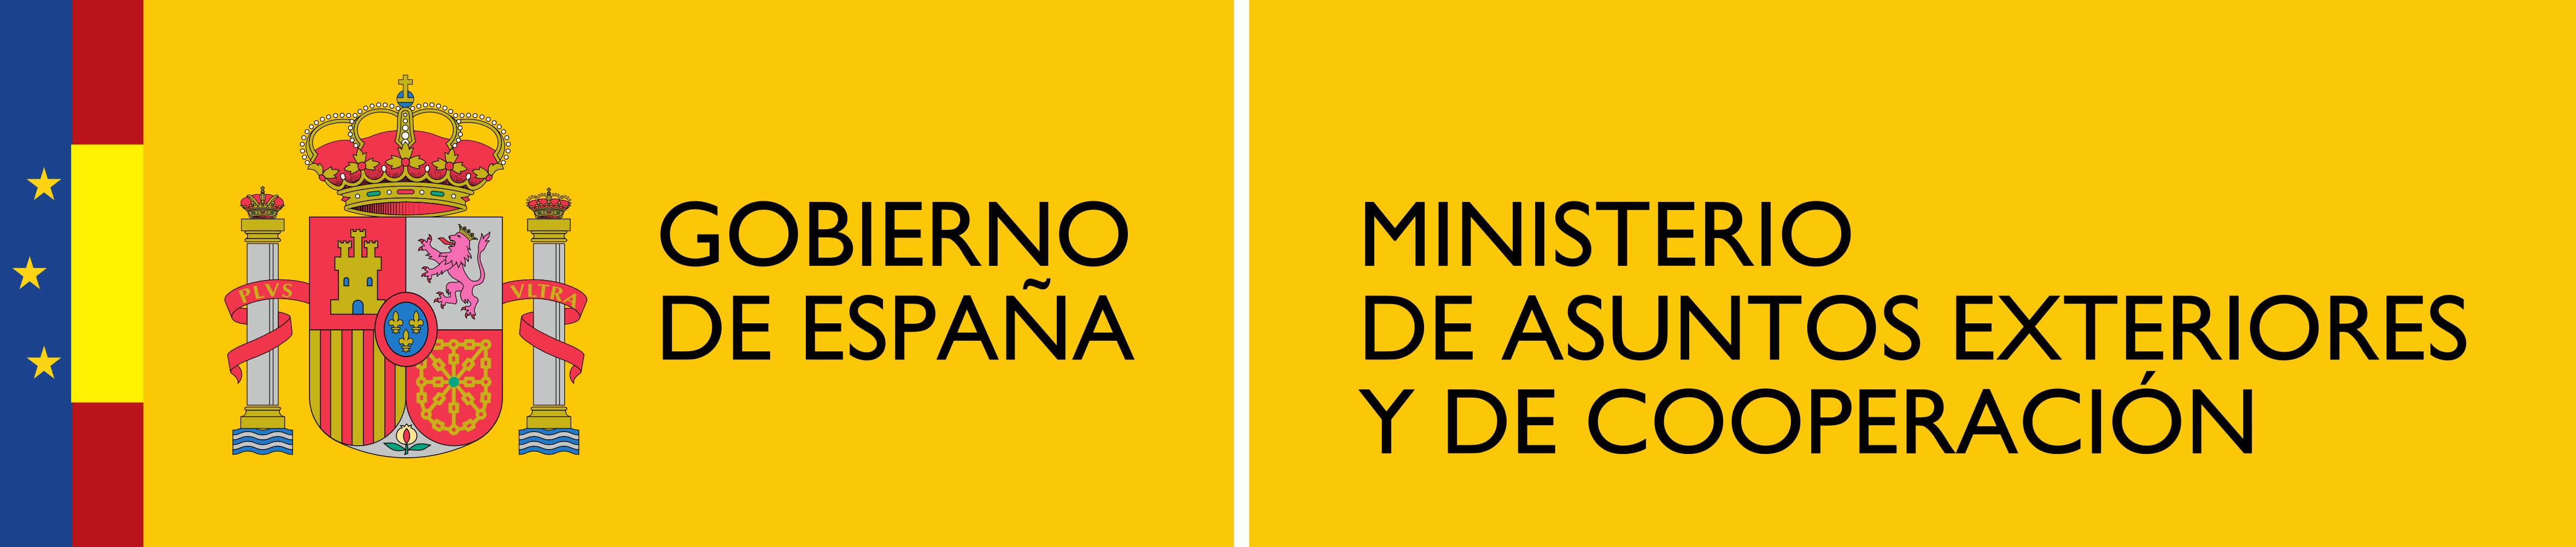 Logotipo_del_Ministerio_de_Asuntos_Exteriores_y_de_Cooperación